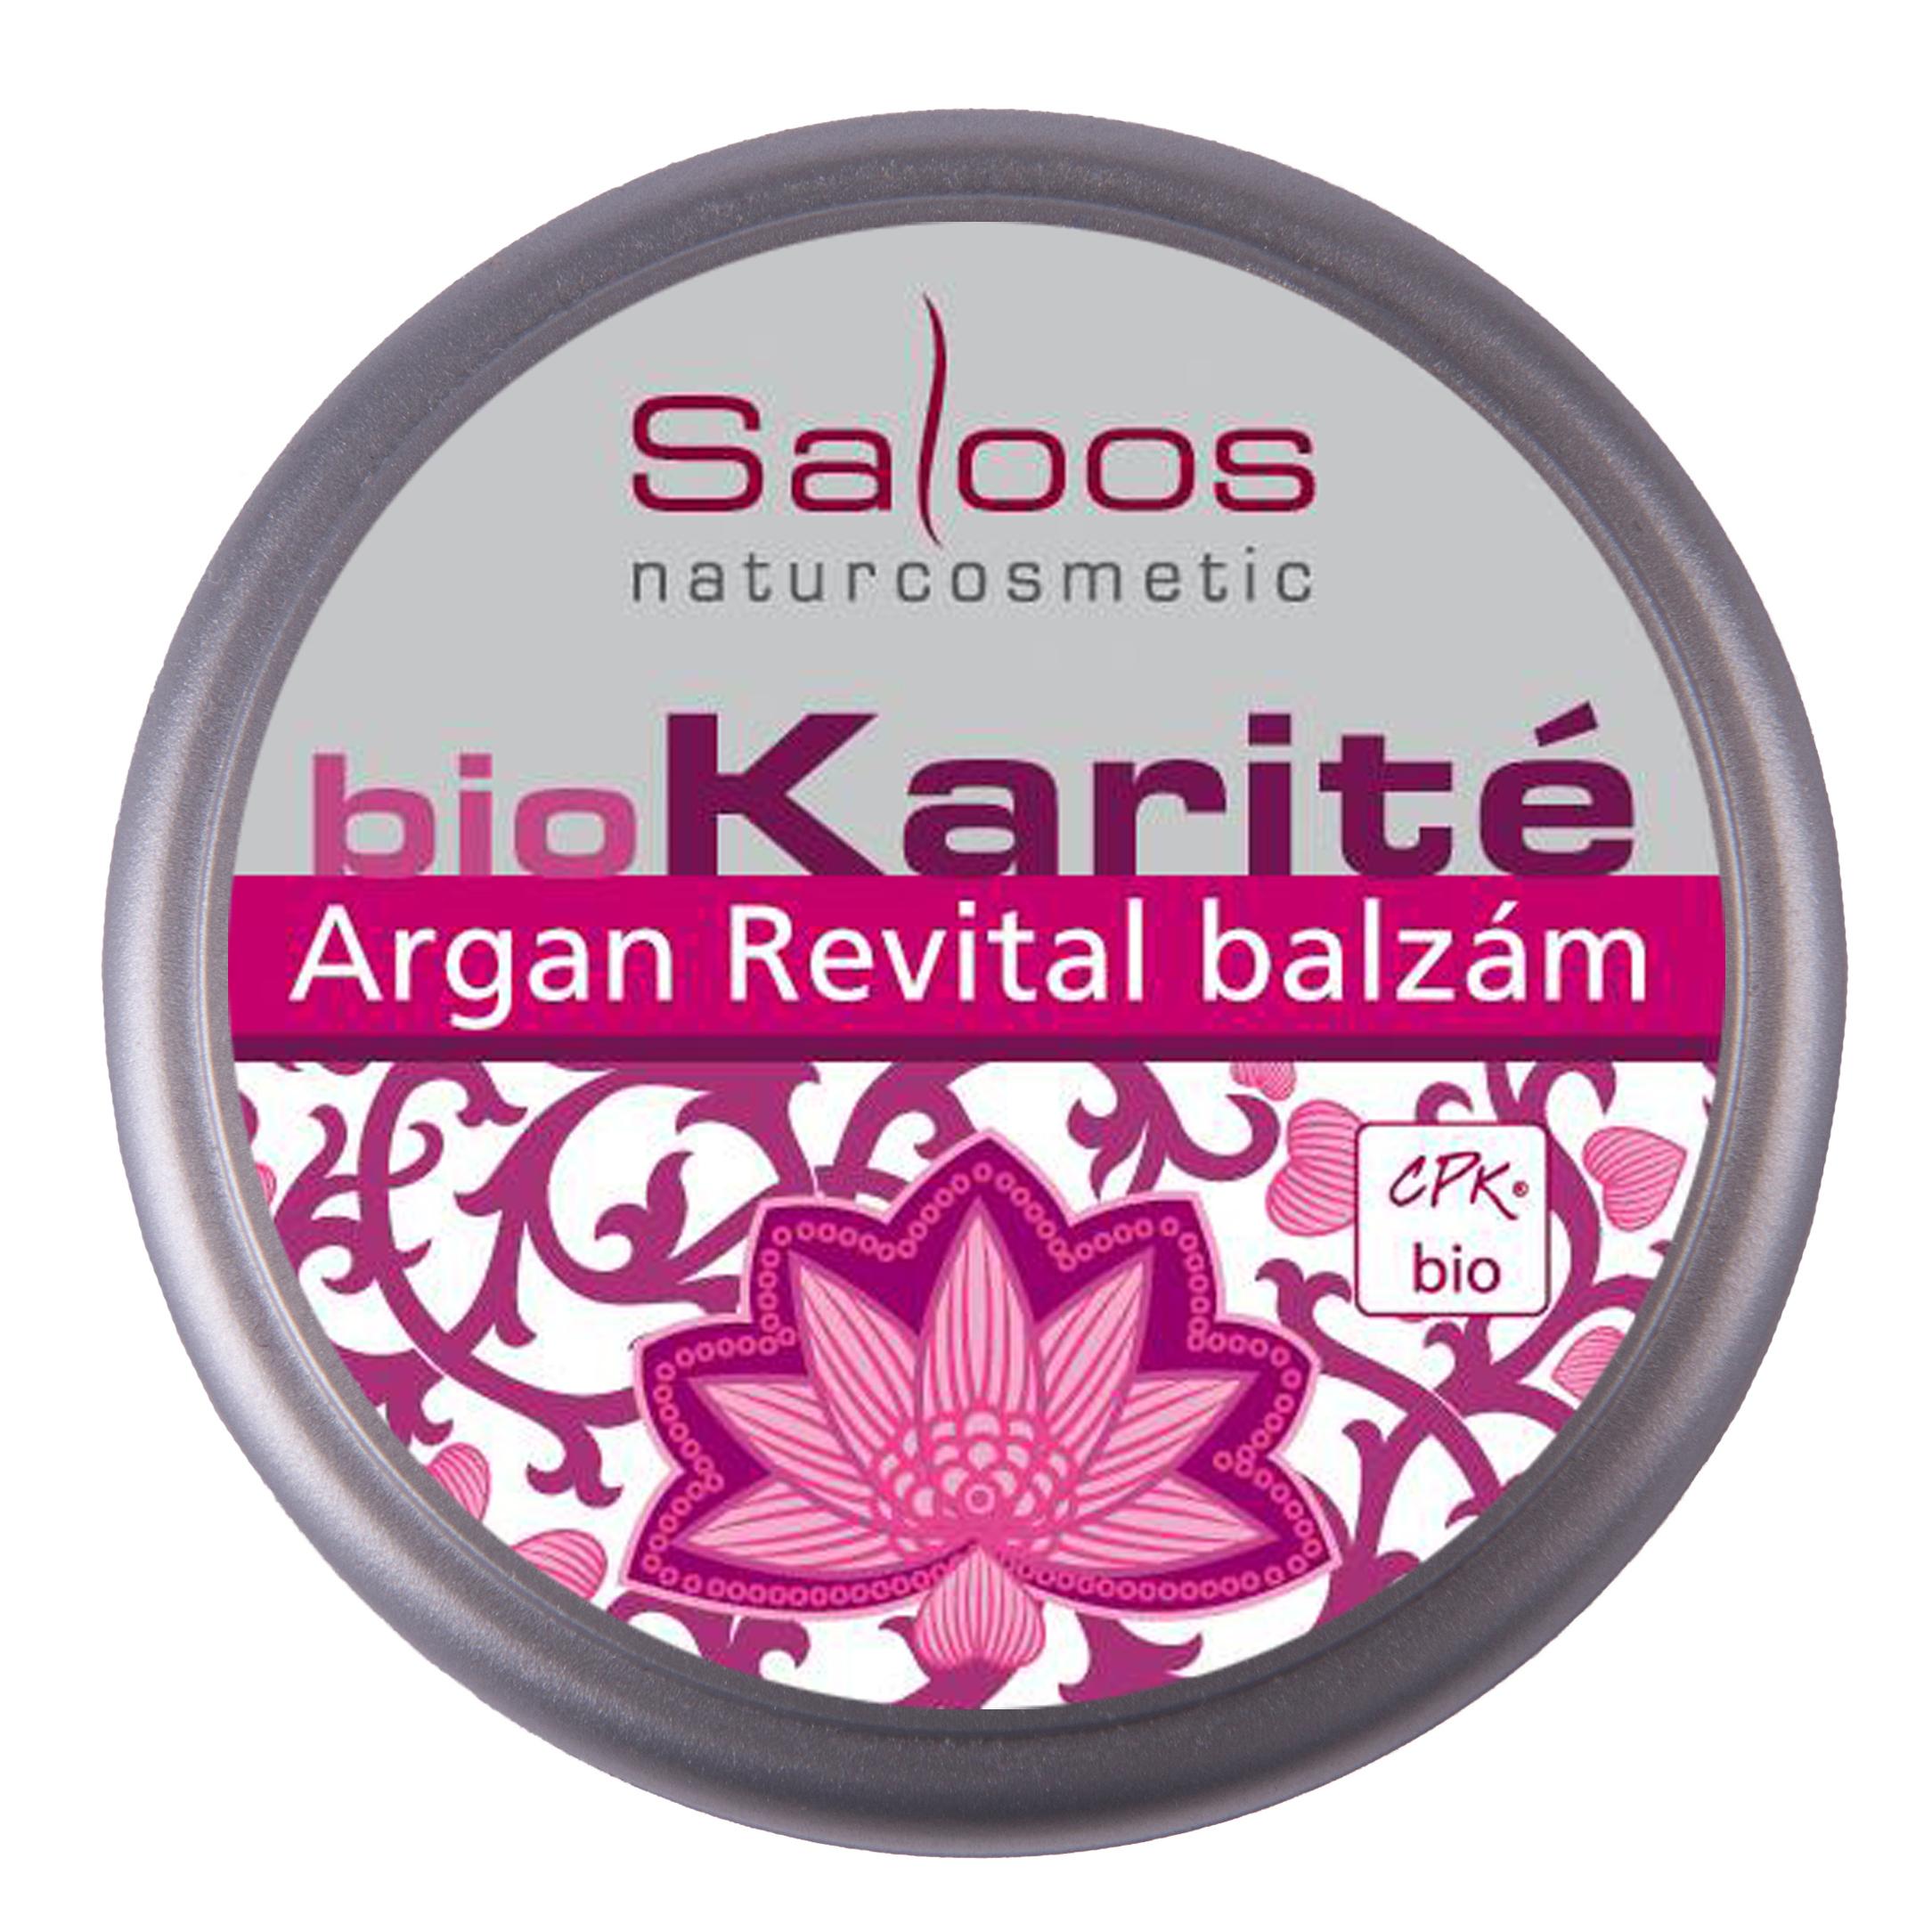 Argan Revital balzám Saloos 19 ml